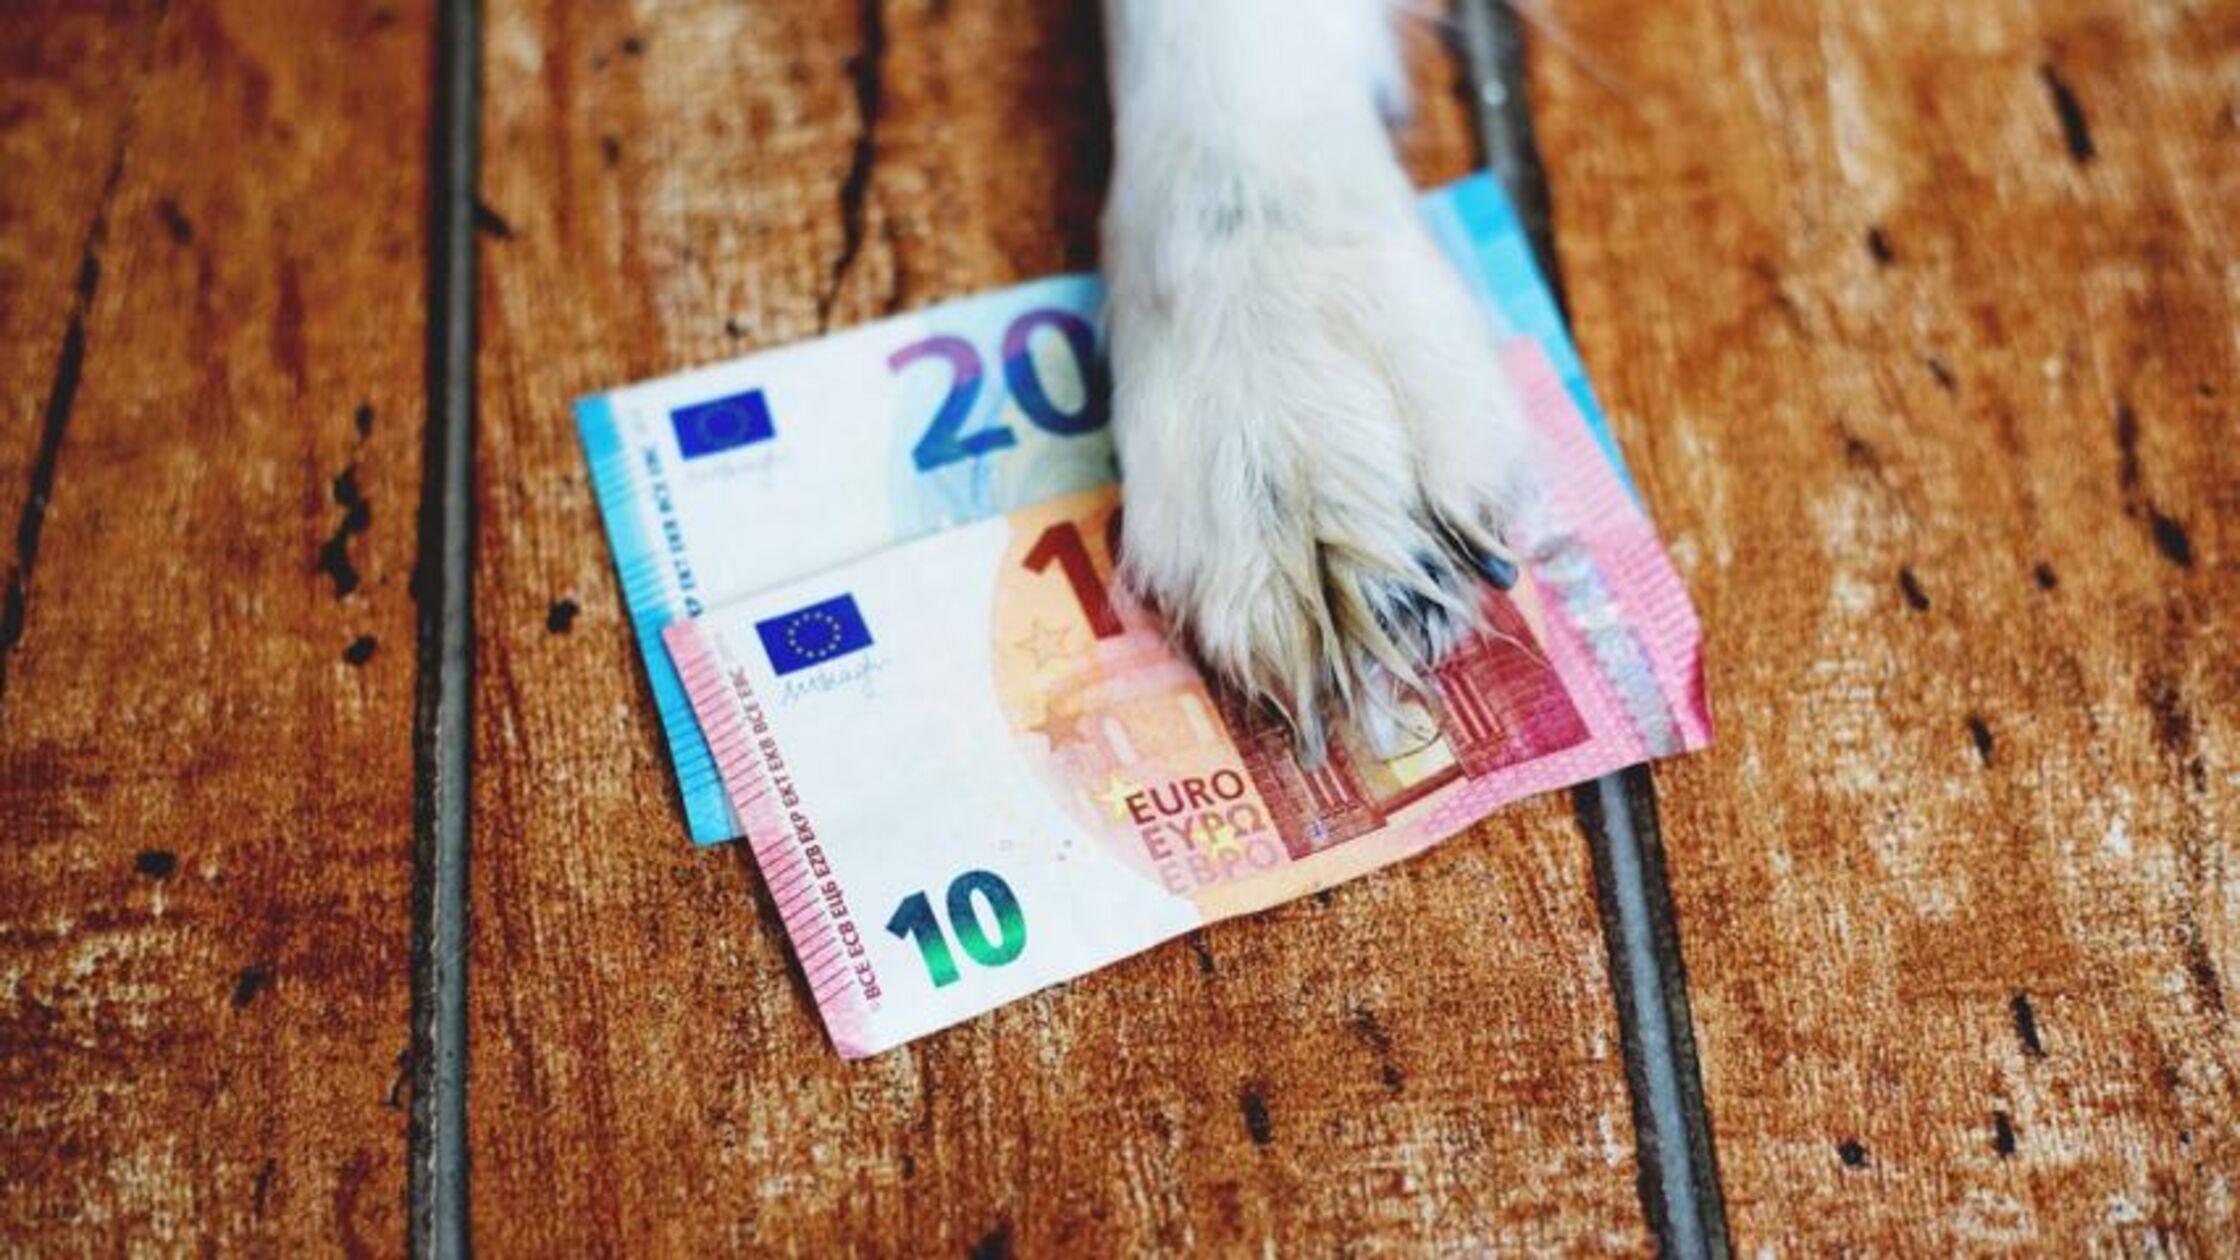 Hundepfote hält die ermäßigte Hundesteuer fest